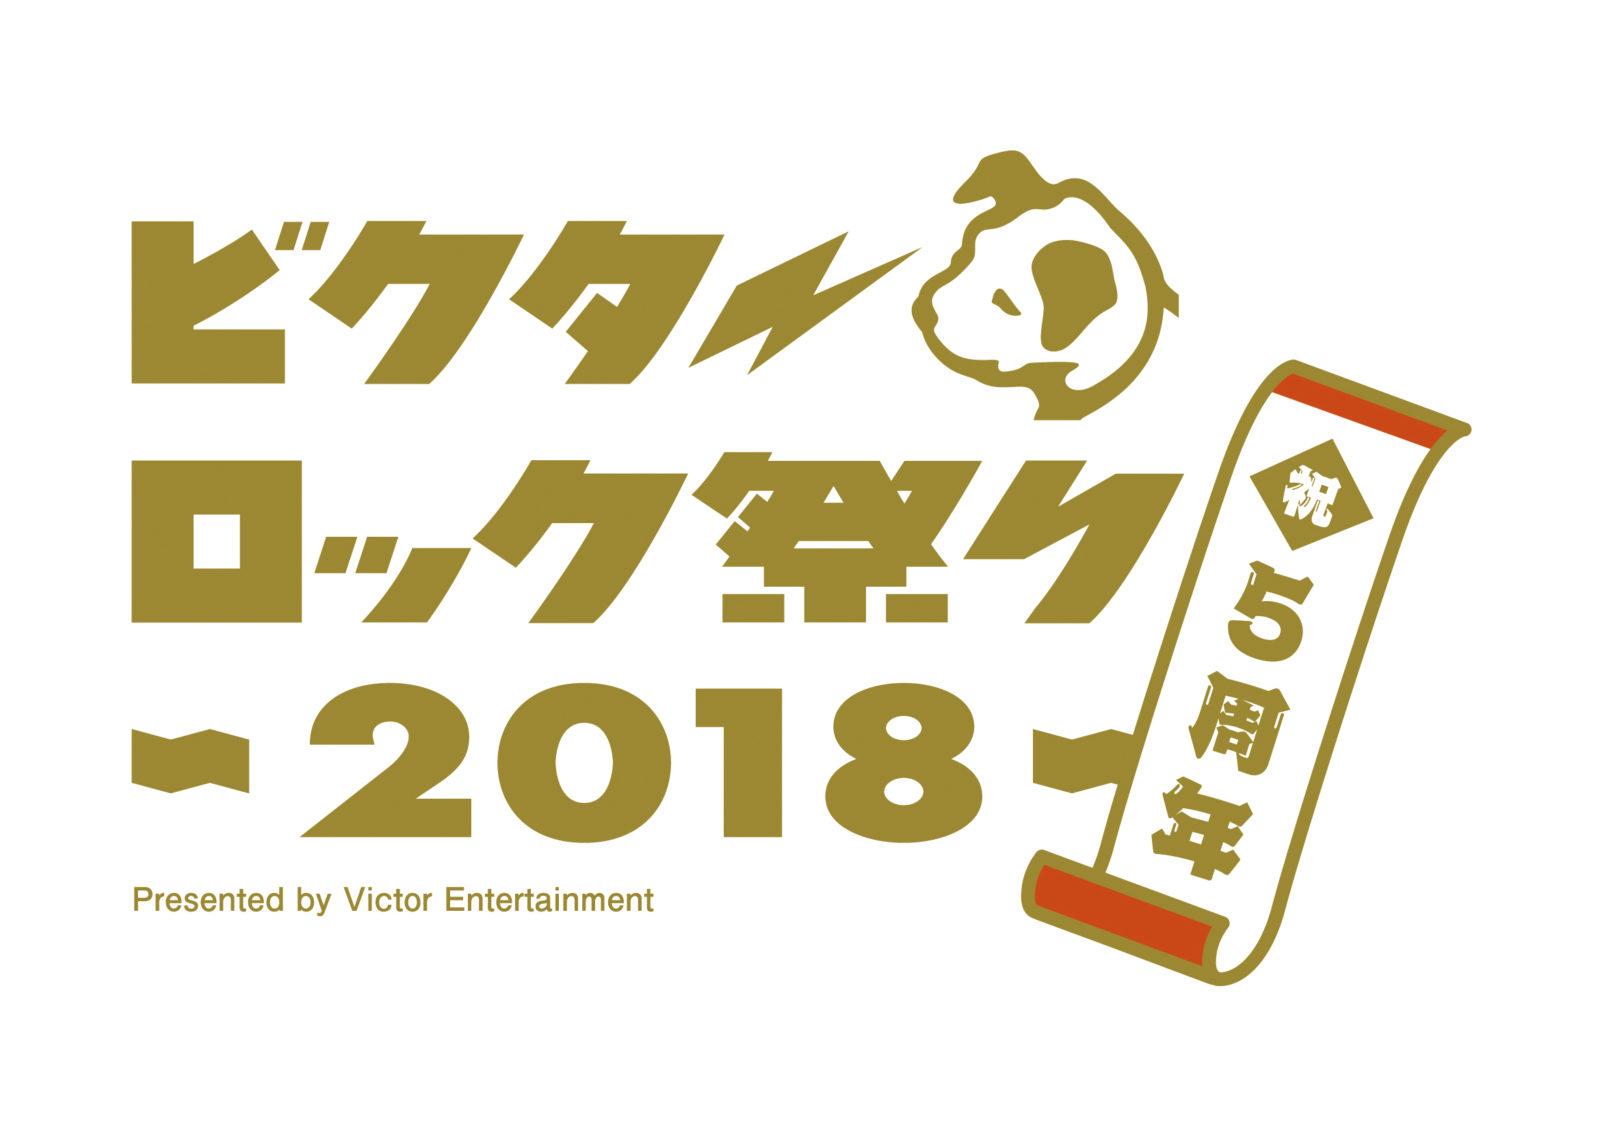 ロックのお祭り5周年、ビクターロック祭り2018開催決定!第1弾出演アーティスト9組発表サムネイル画像